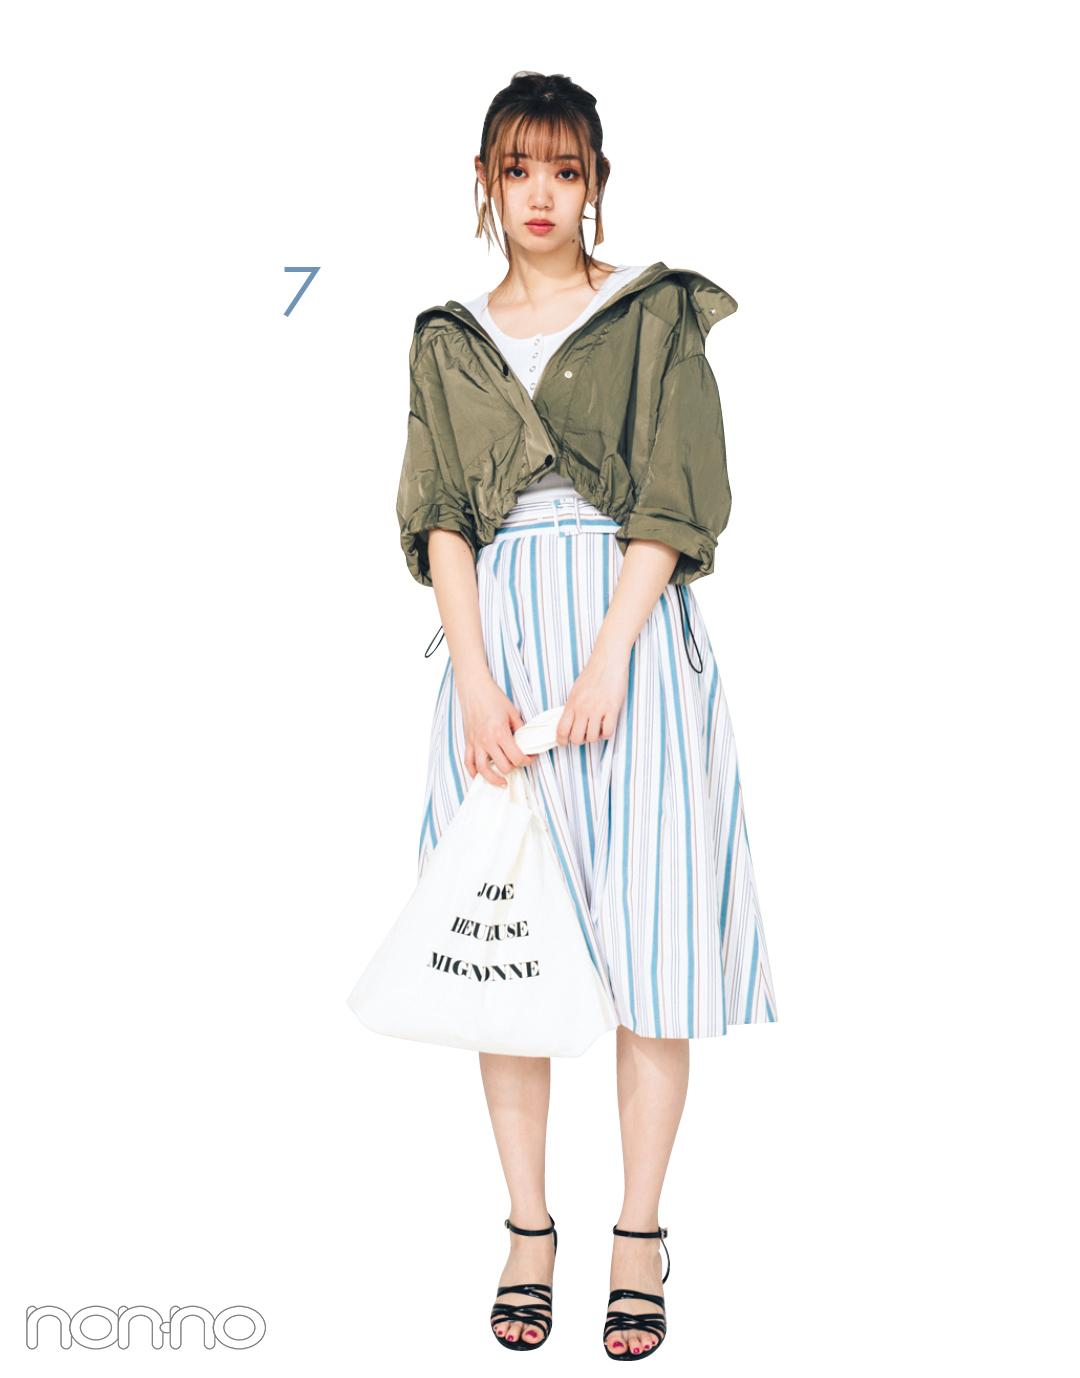 トレンドスカートの着回しコーデ1×7★ ストライプならこんなに使える!_1_3-7